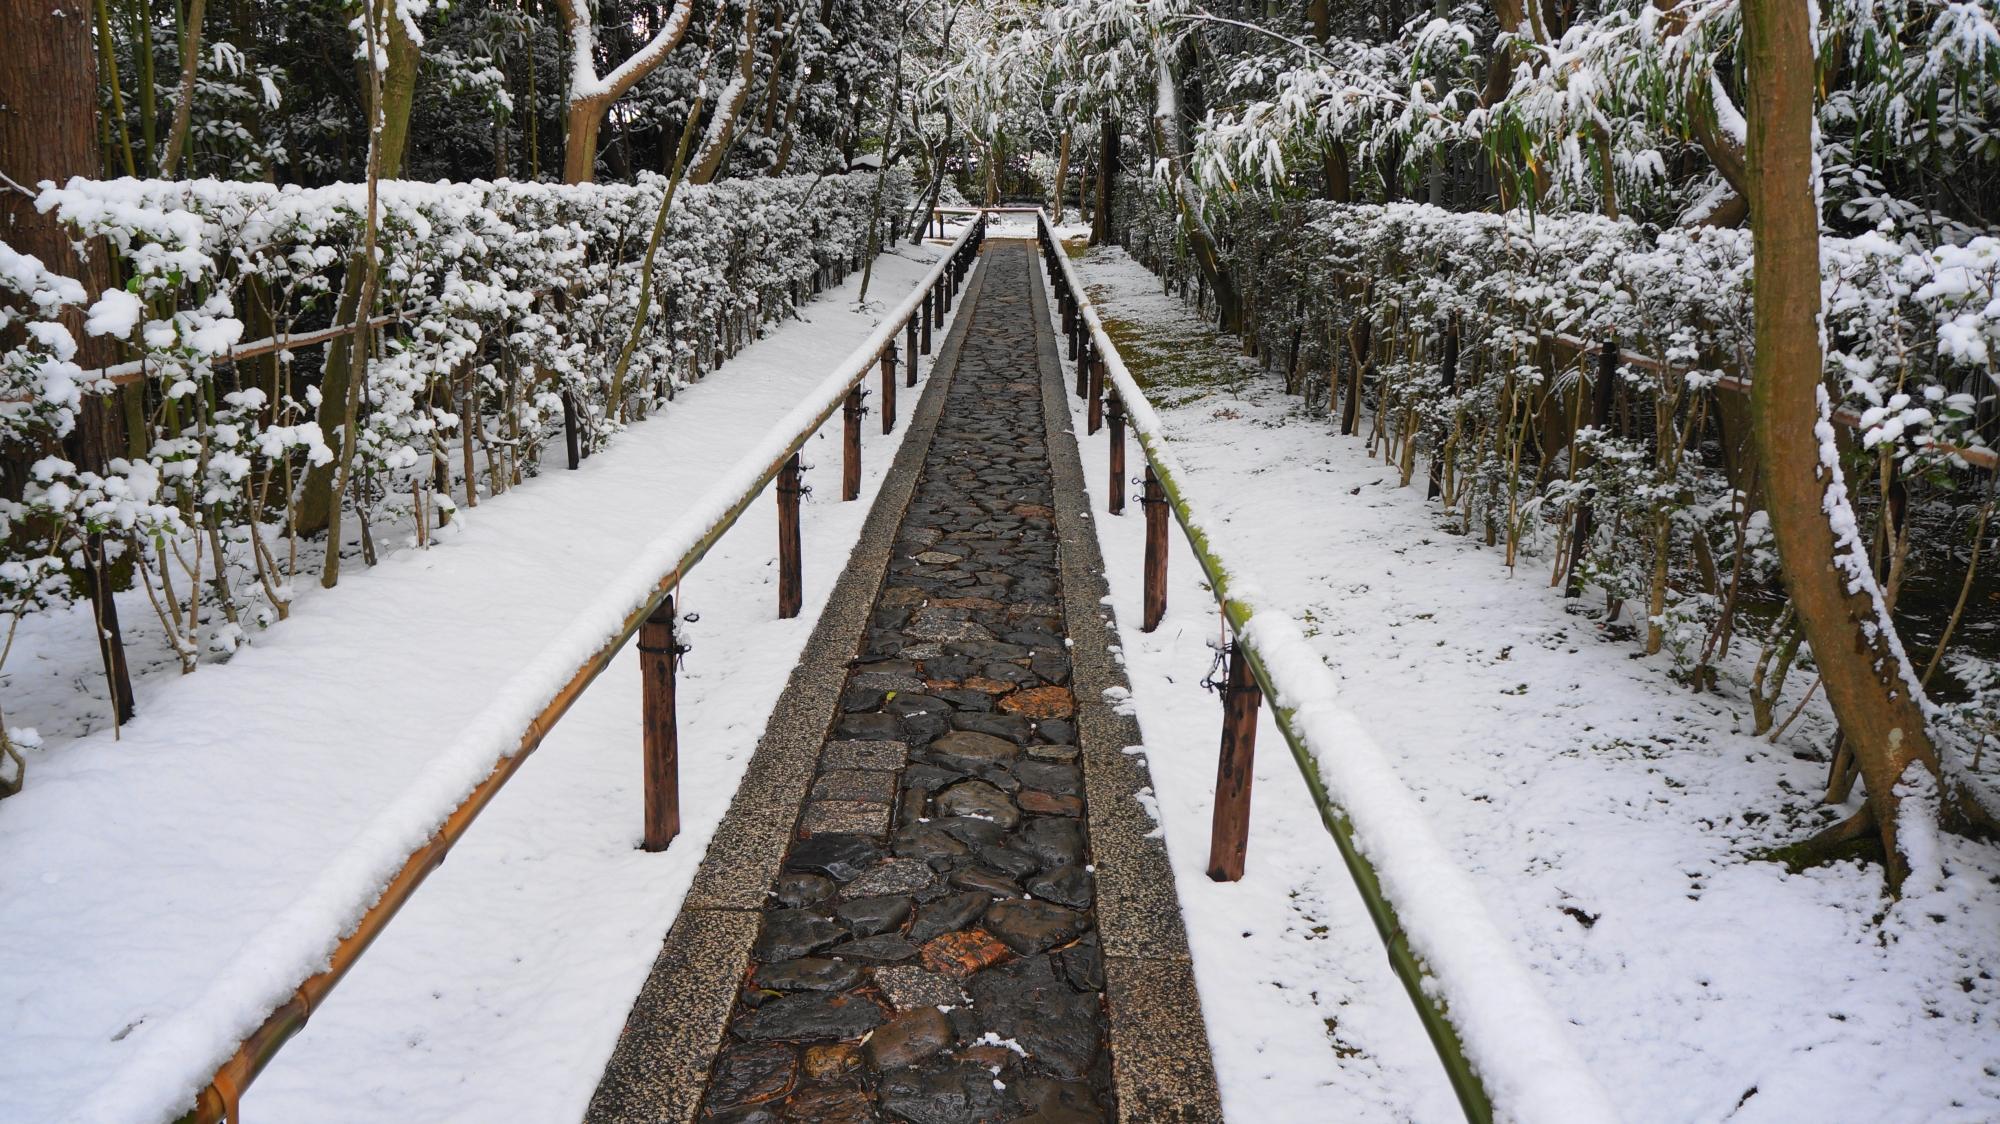 唐門前から眺めた参道の雪景色